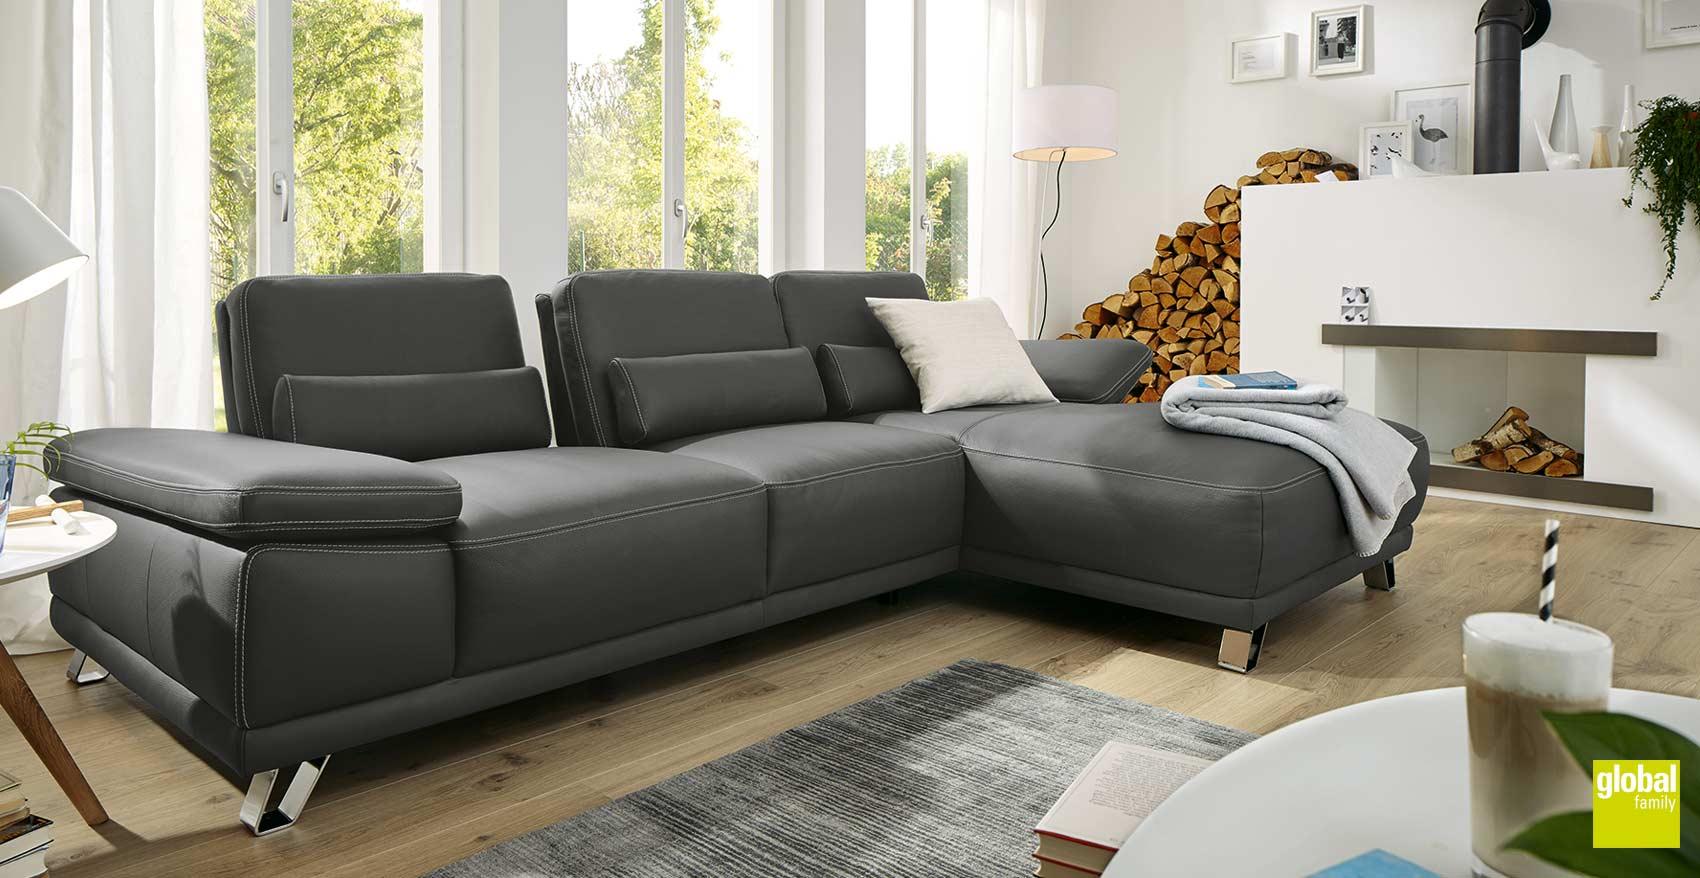 polsterm bel relaxsessel von global wohnen in norden ot neustadt nahe emden wilhelmshafen und. Black Bedroom Furniture Sets. Home Design Ideas